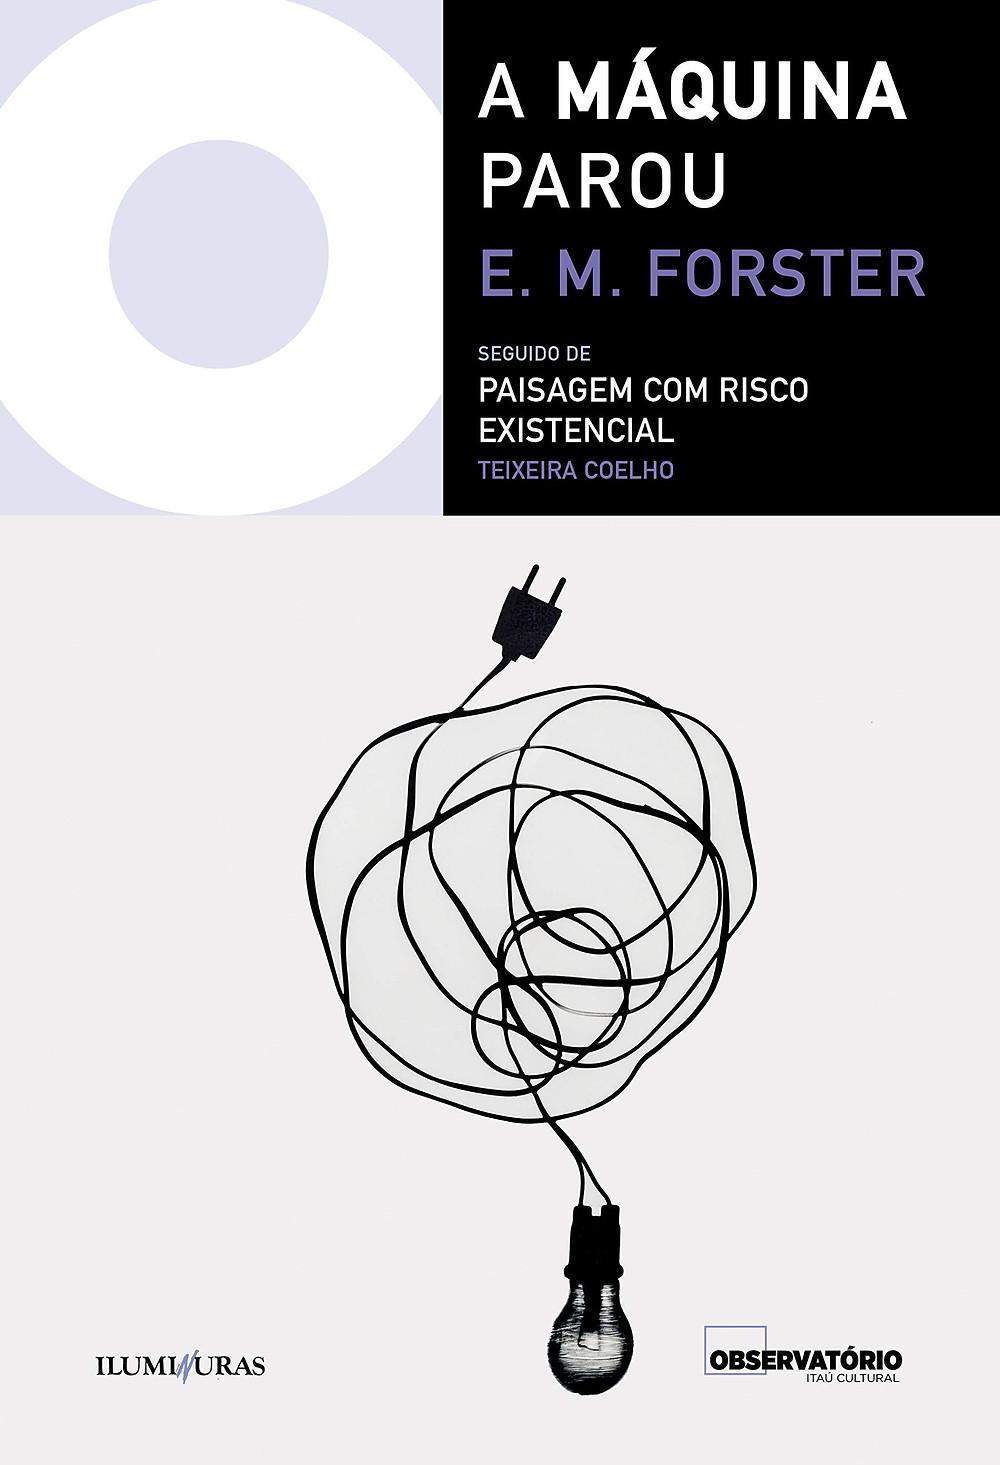 A Máquina Parou é a novela de ficção científica de E. M. Forster